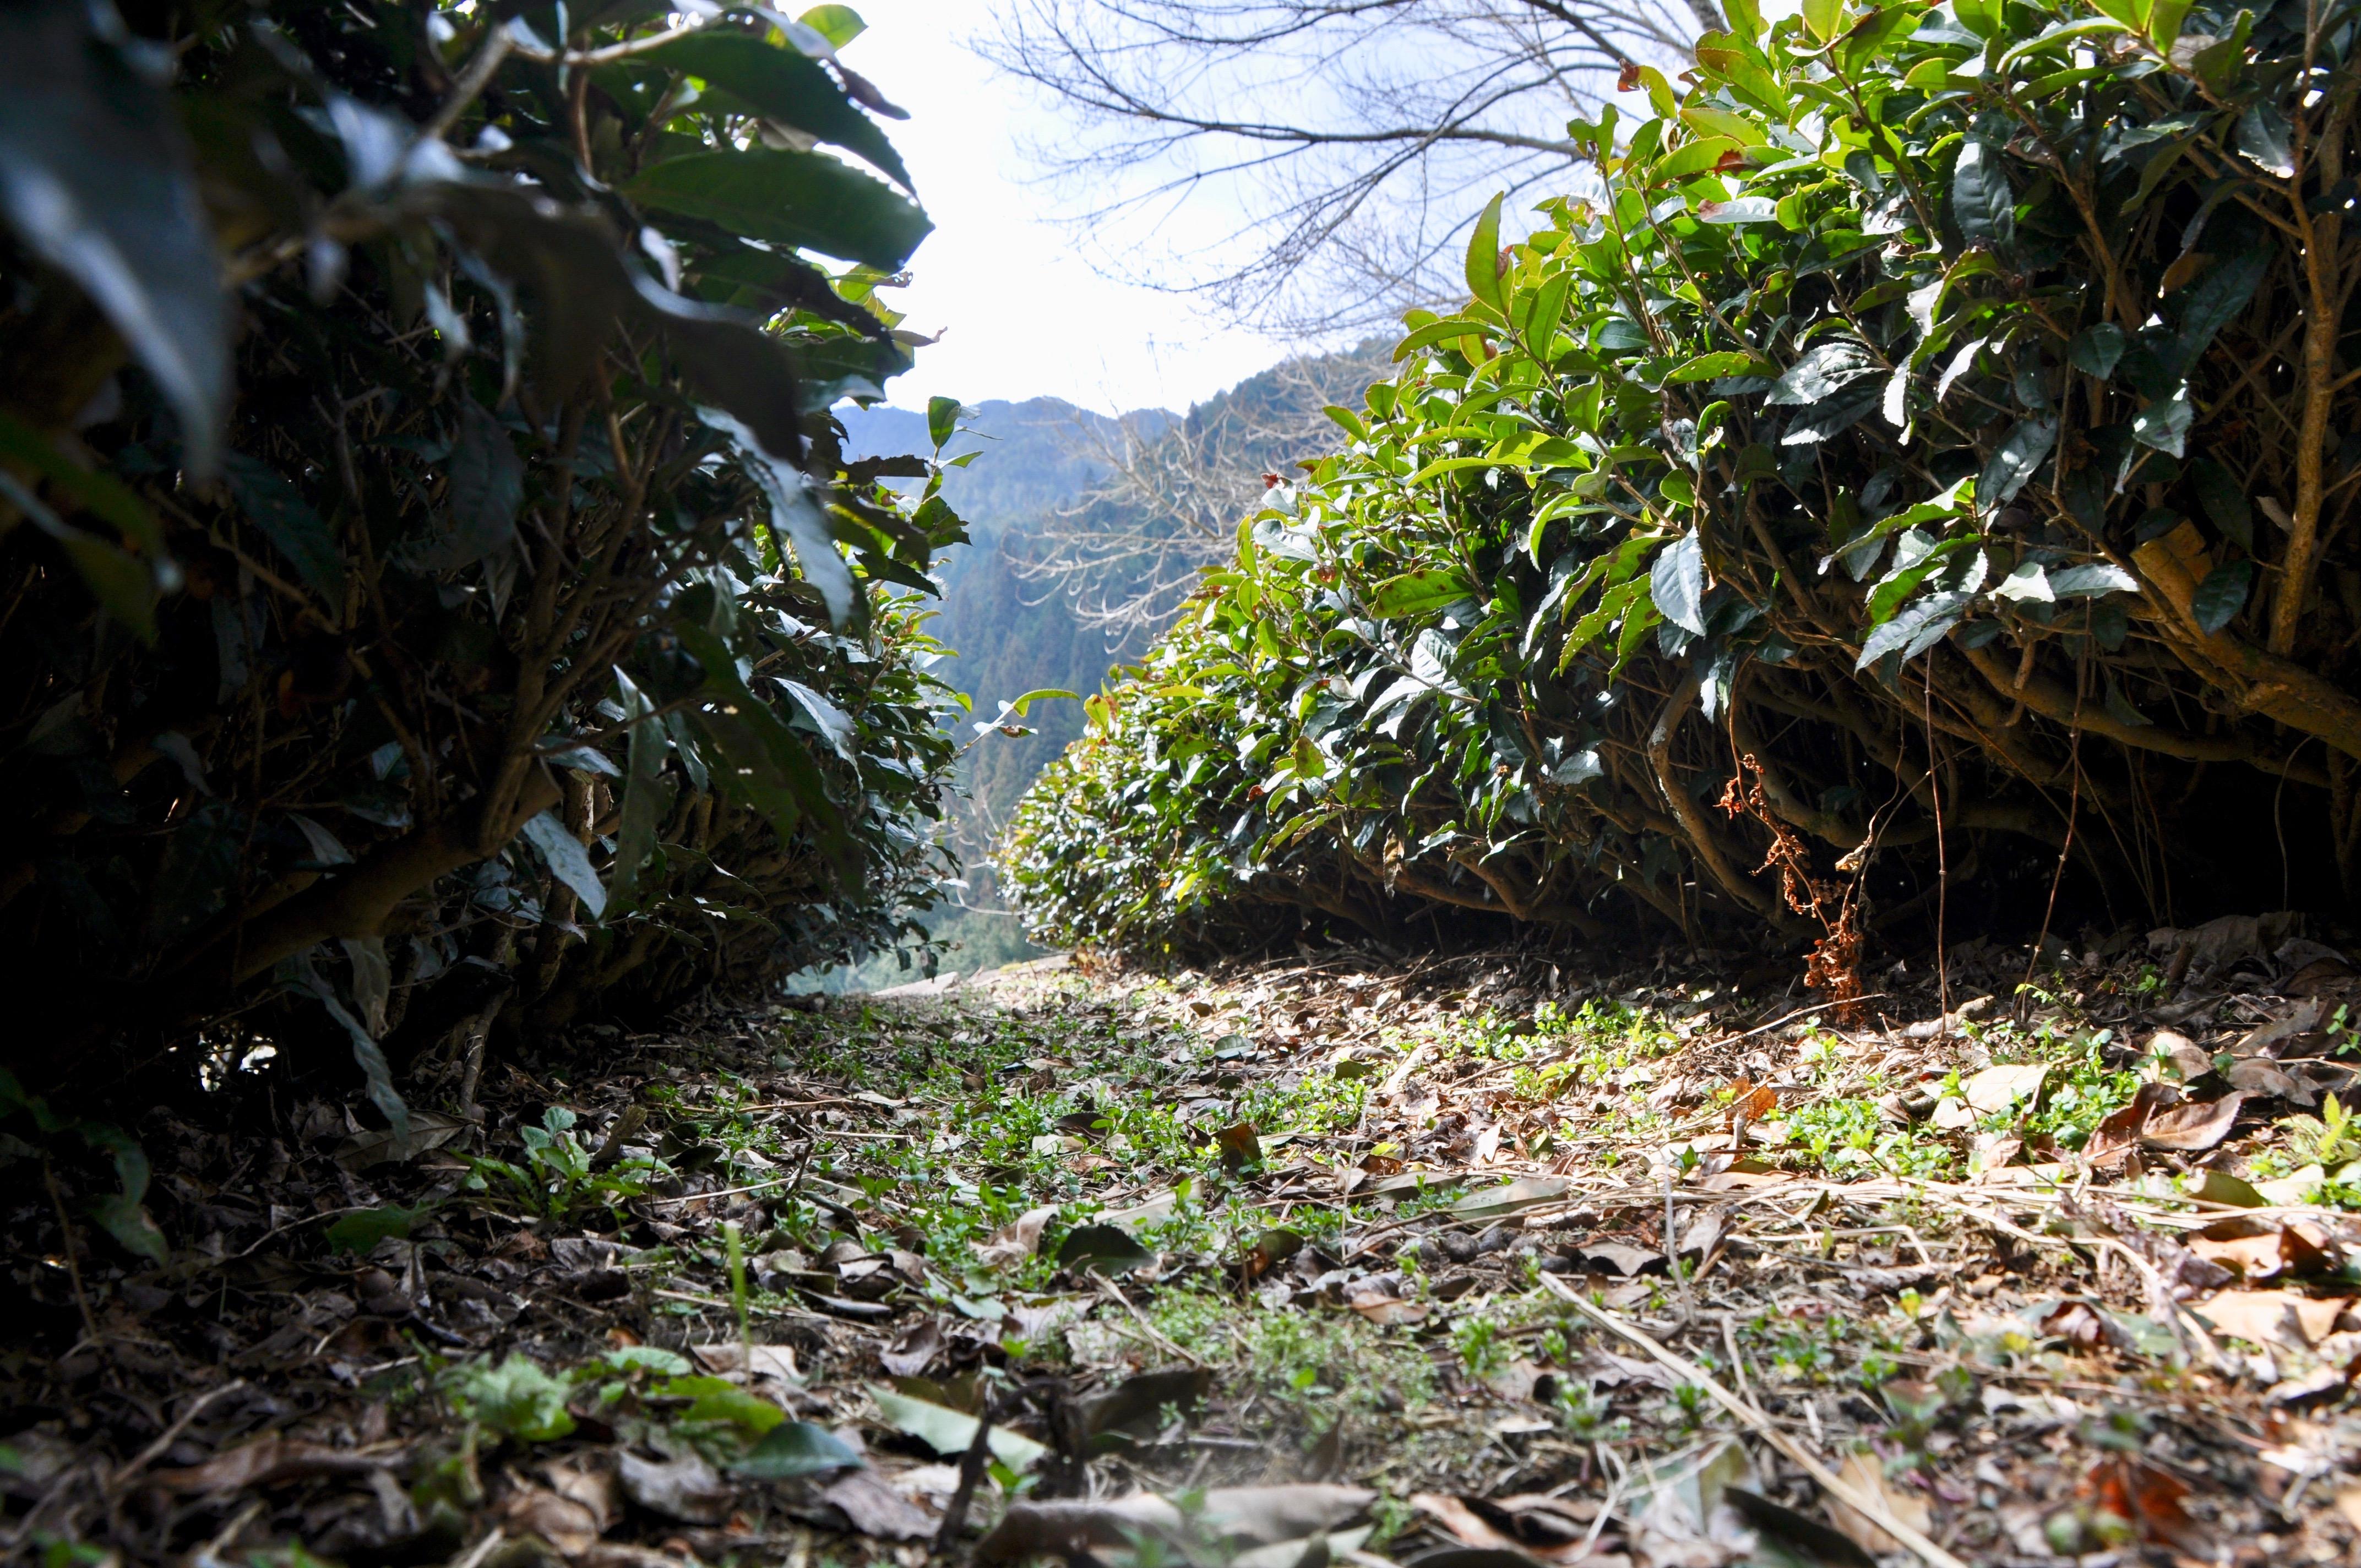 今年もお茶の季節が到来!お茶の価値観が変わる体験、岐阜県東白川村に行ってきた - DSC 0915